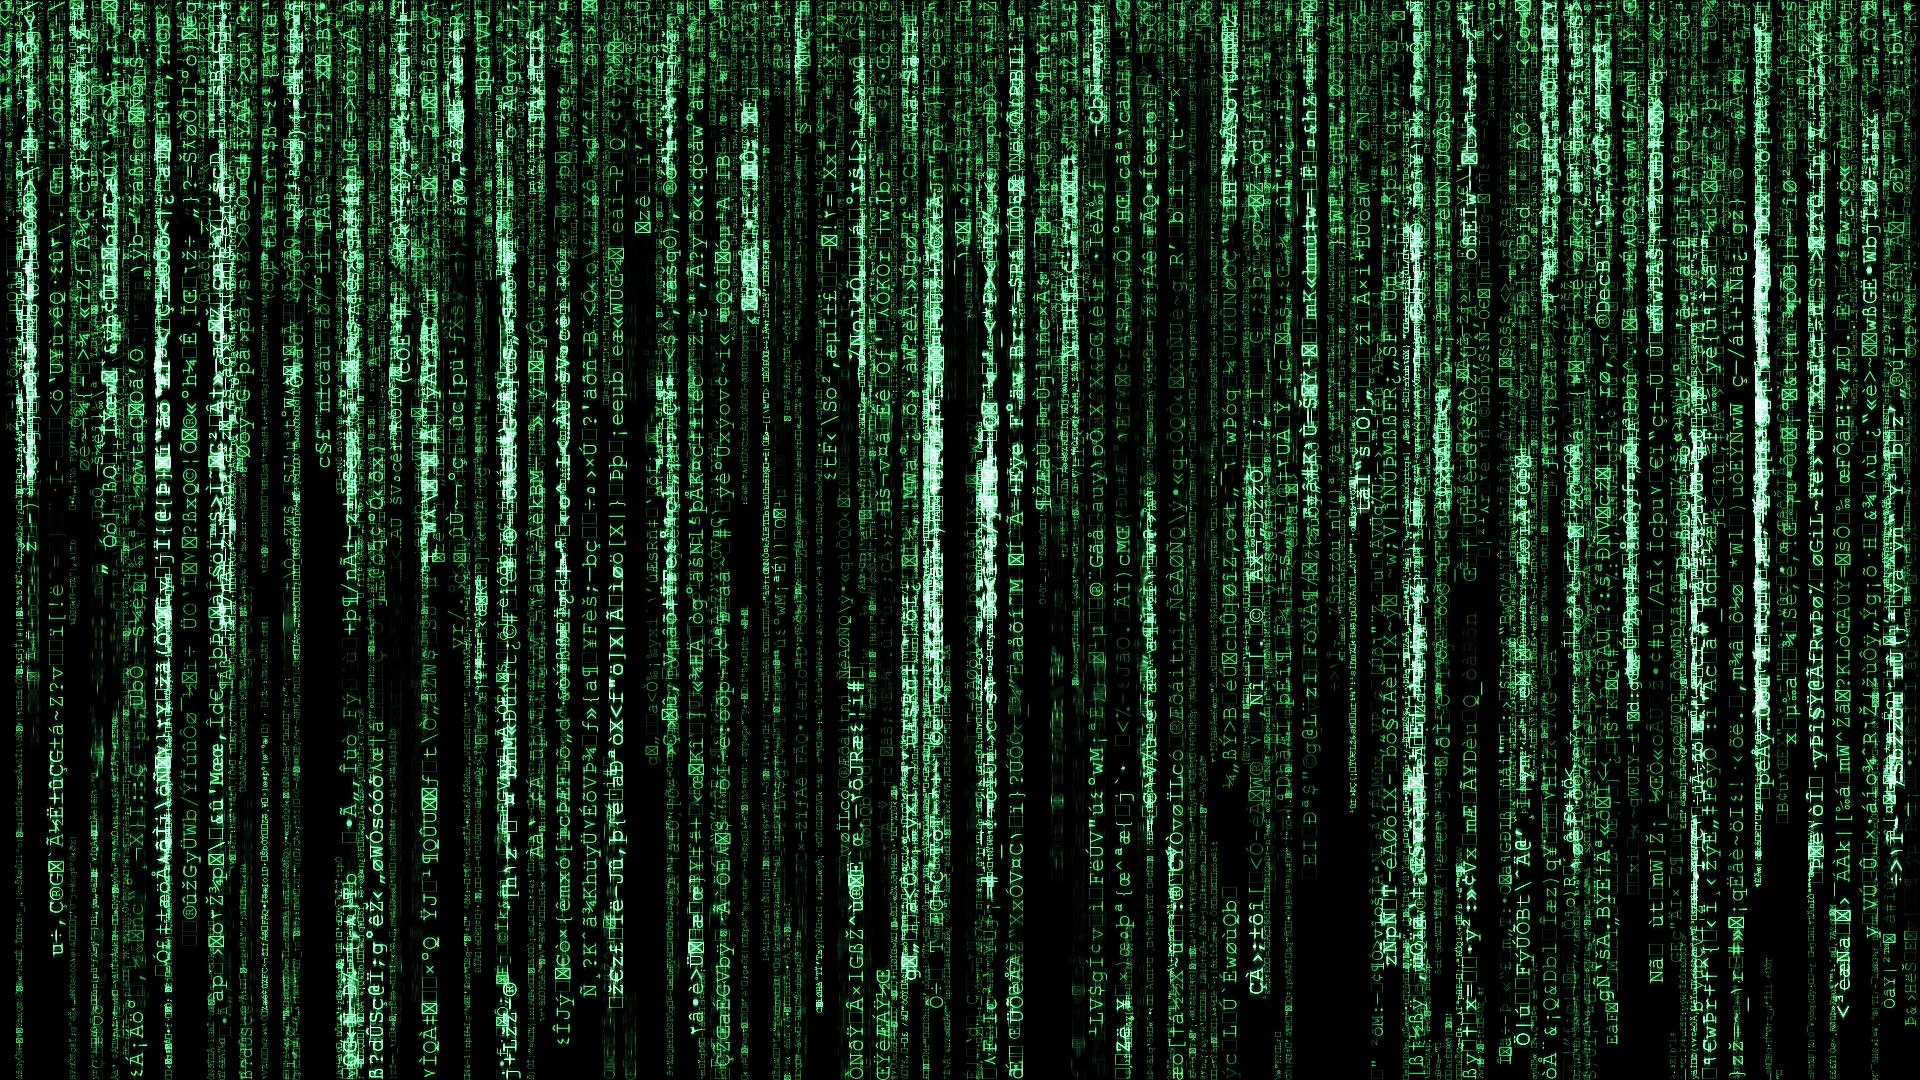 hacker wallpaper 1920x1080